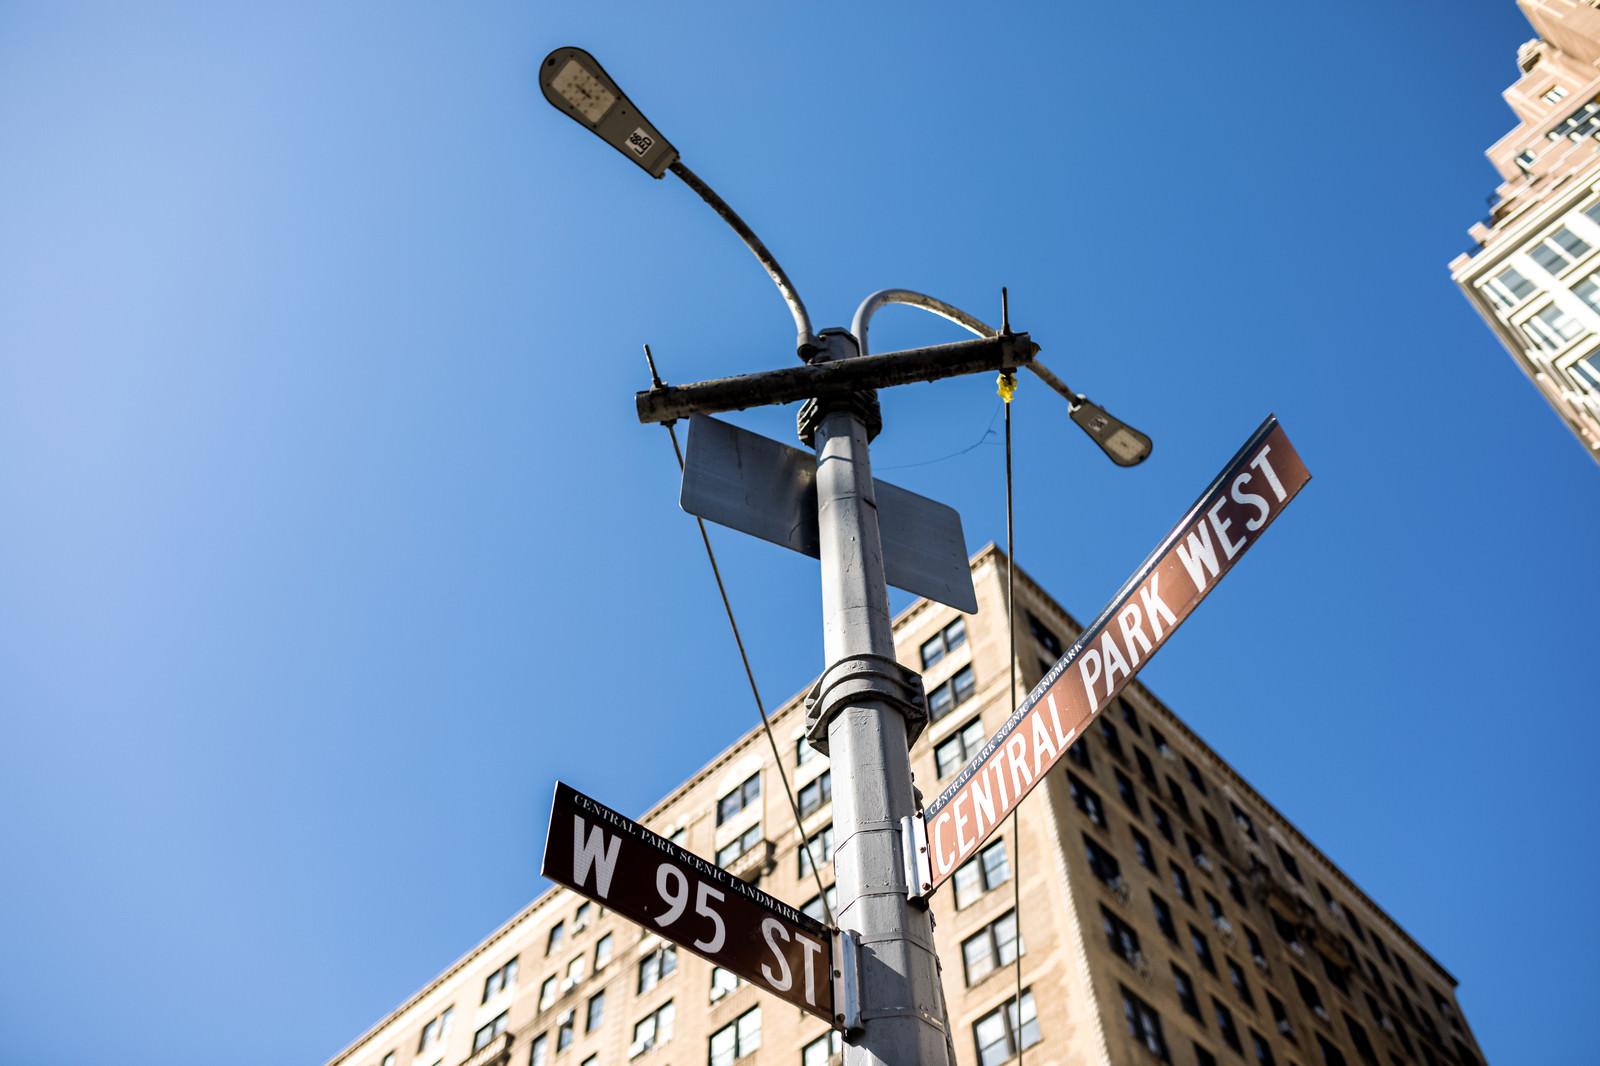 「ニューヨークの空と指導標」の写真